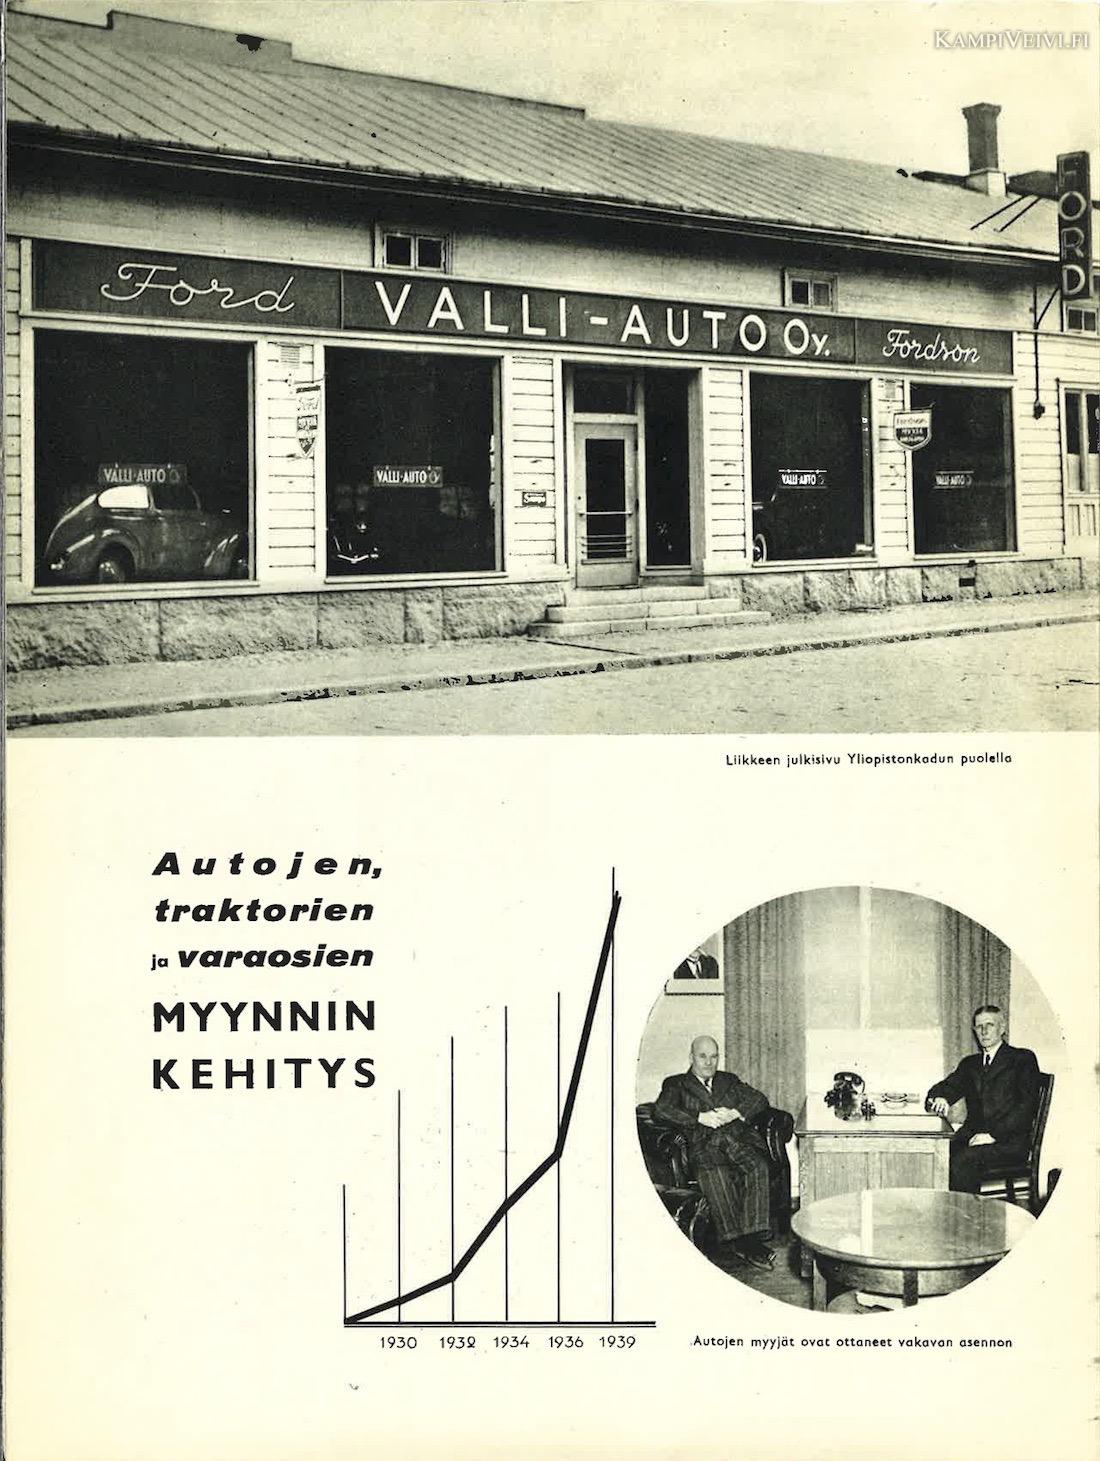 valliauto1940_sivu3